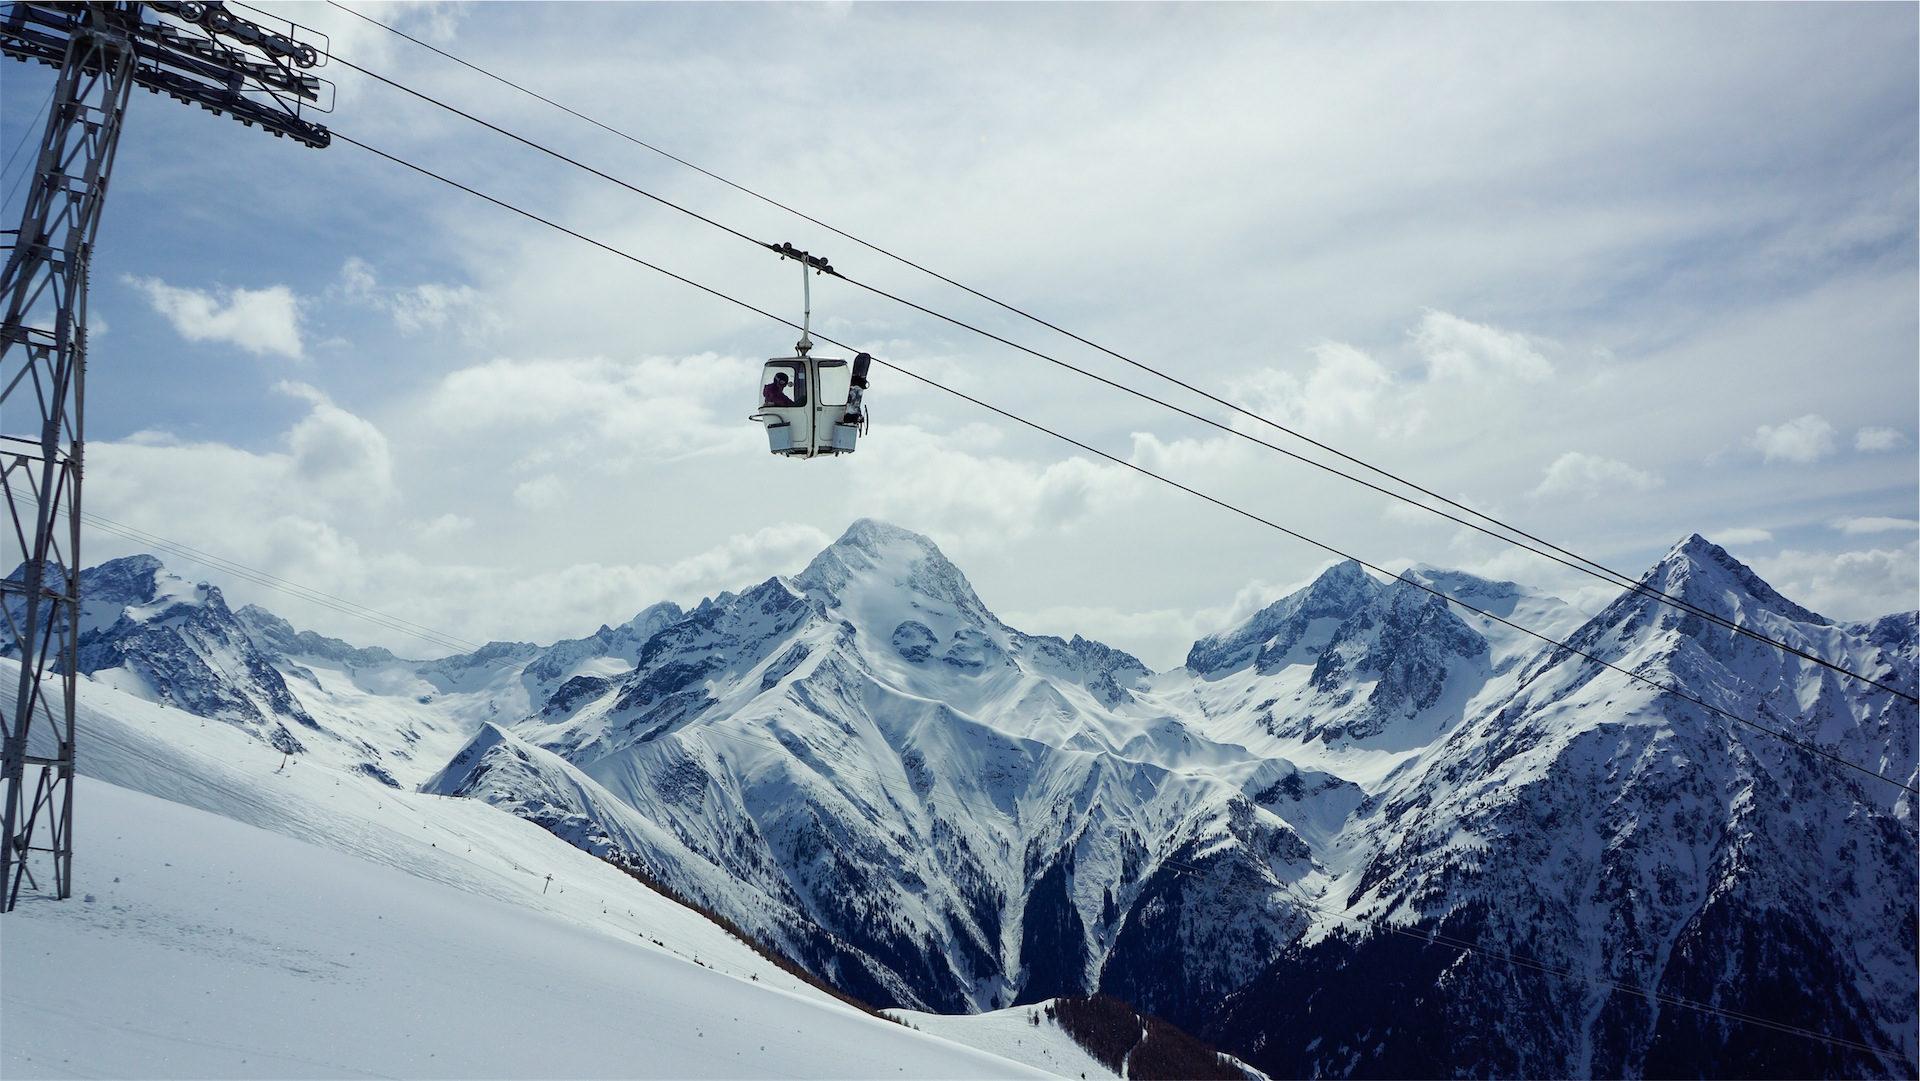 τελεφερίκ, Βουνό, χιόνι, Πίτσα, Χειμώνα - Wallpapers HD - Professor-falken.com